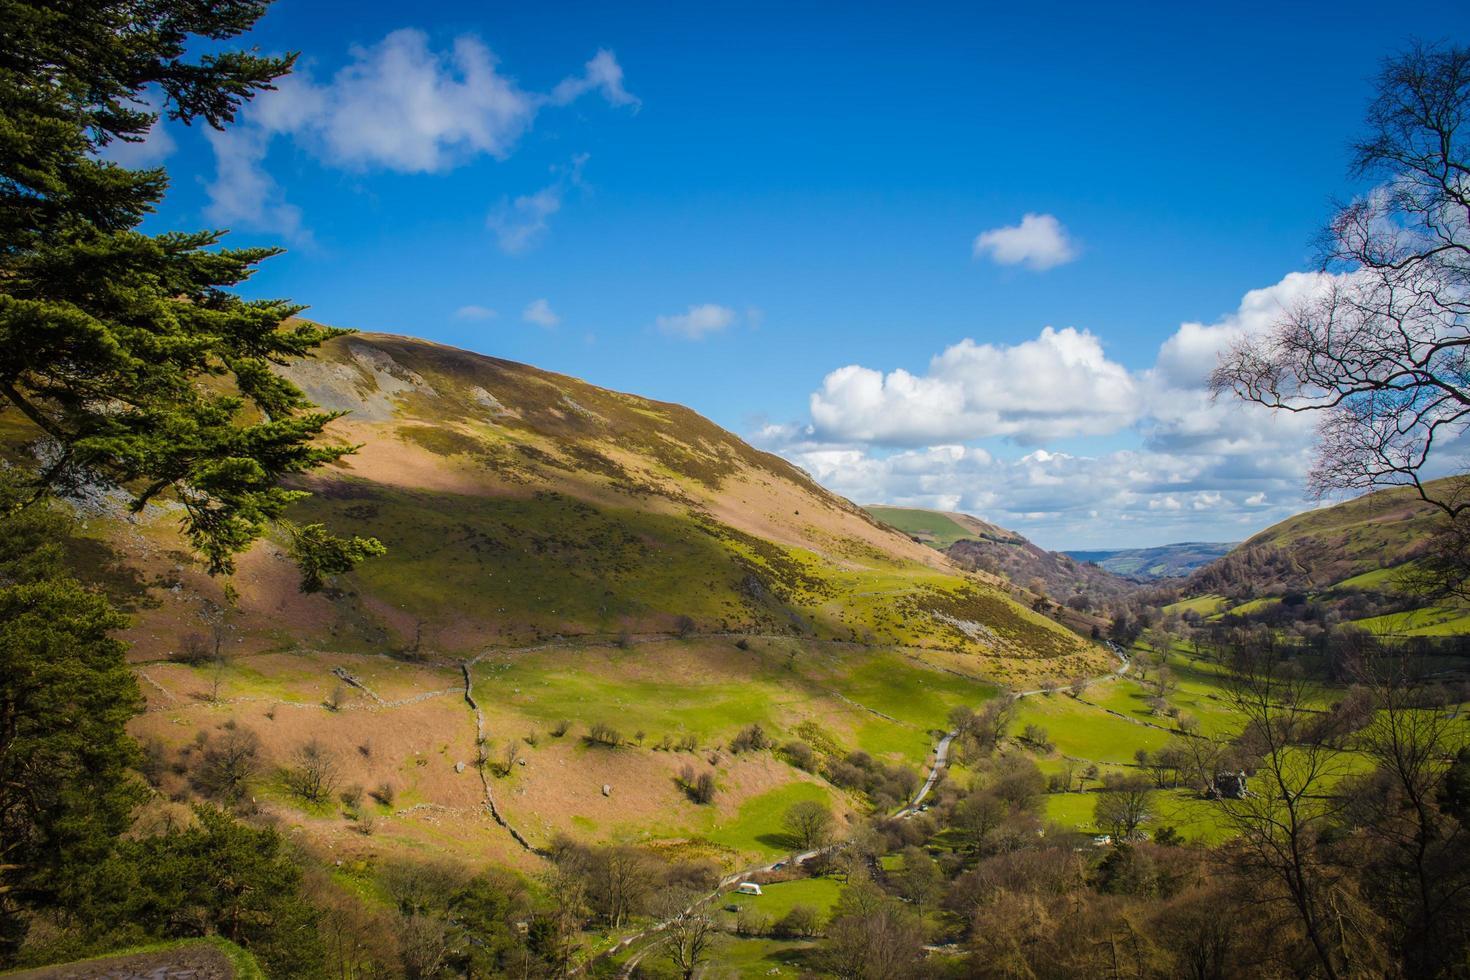 herbe verte des collines sous le ciel bleu photo